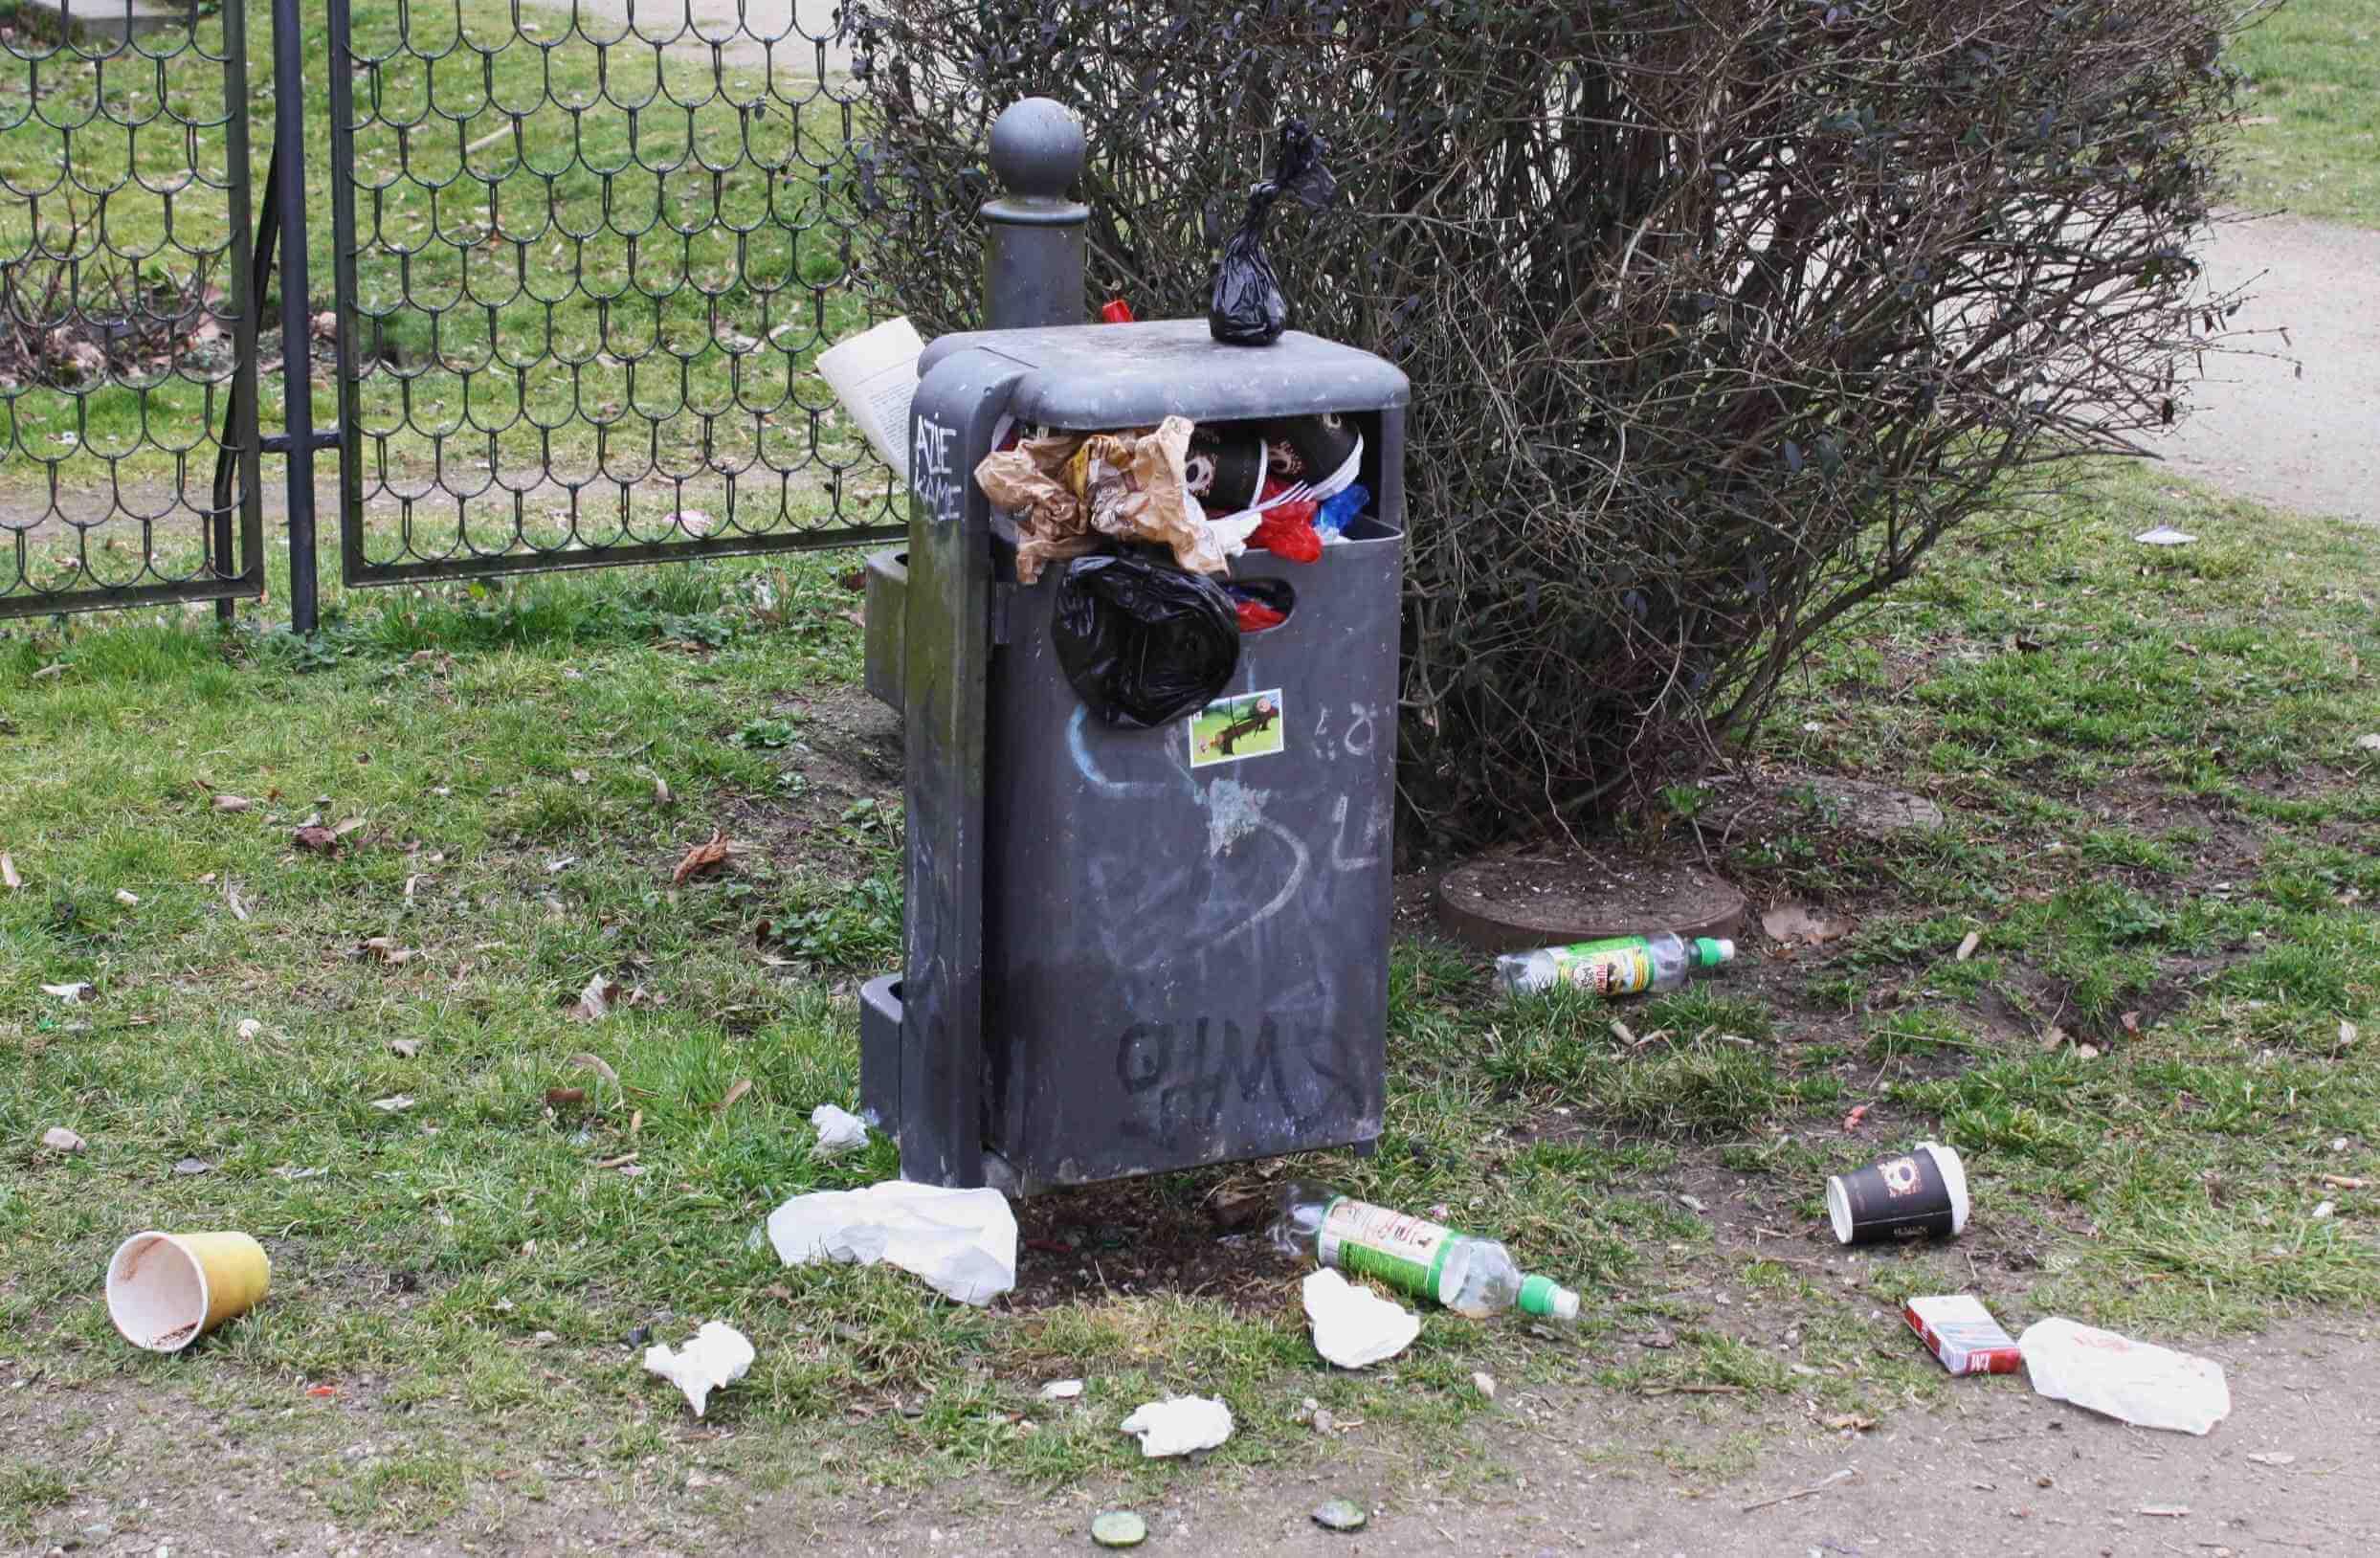 Wir haben die Schnauze voll von eurem Müll!